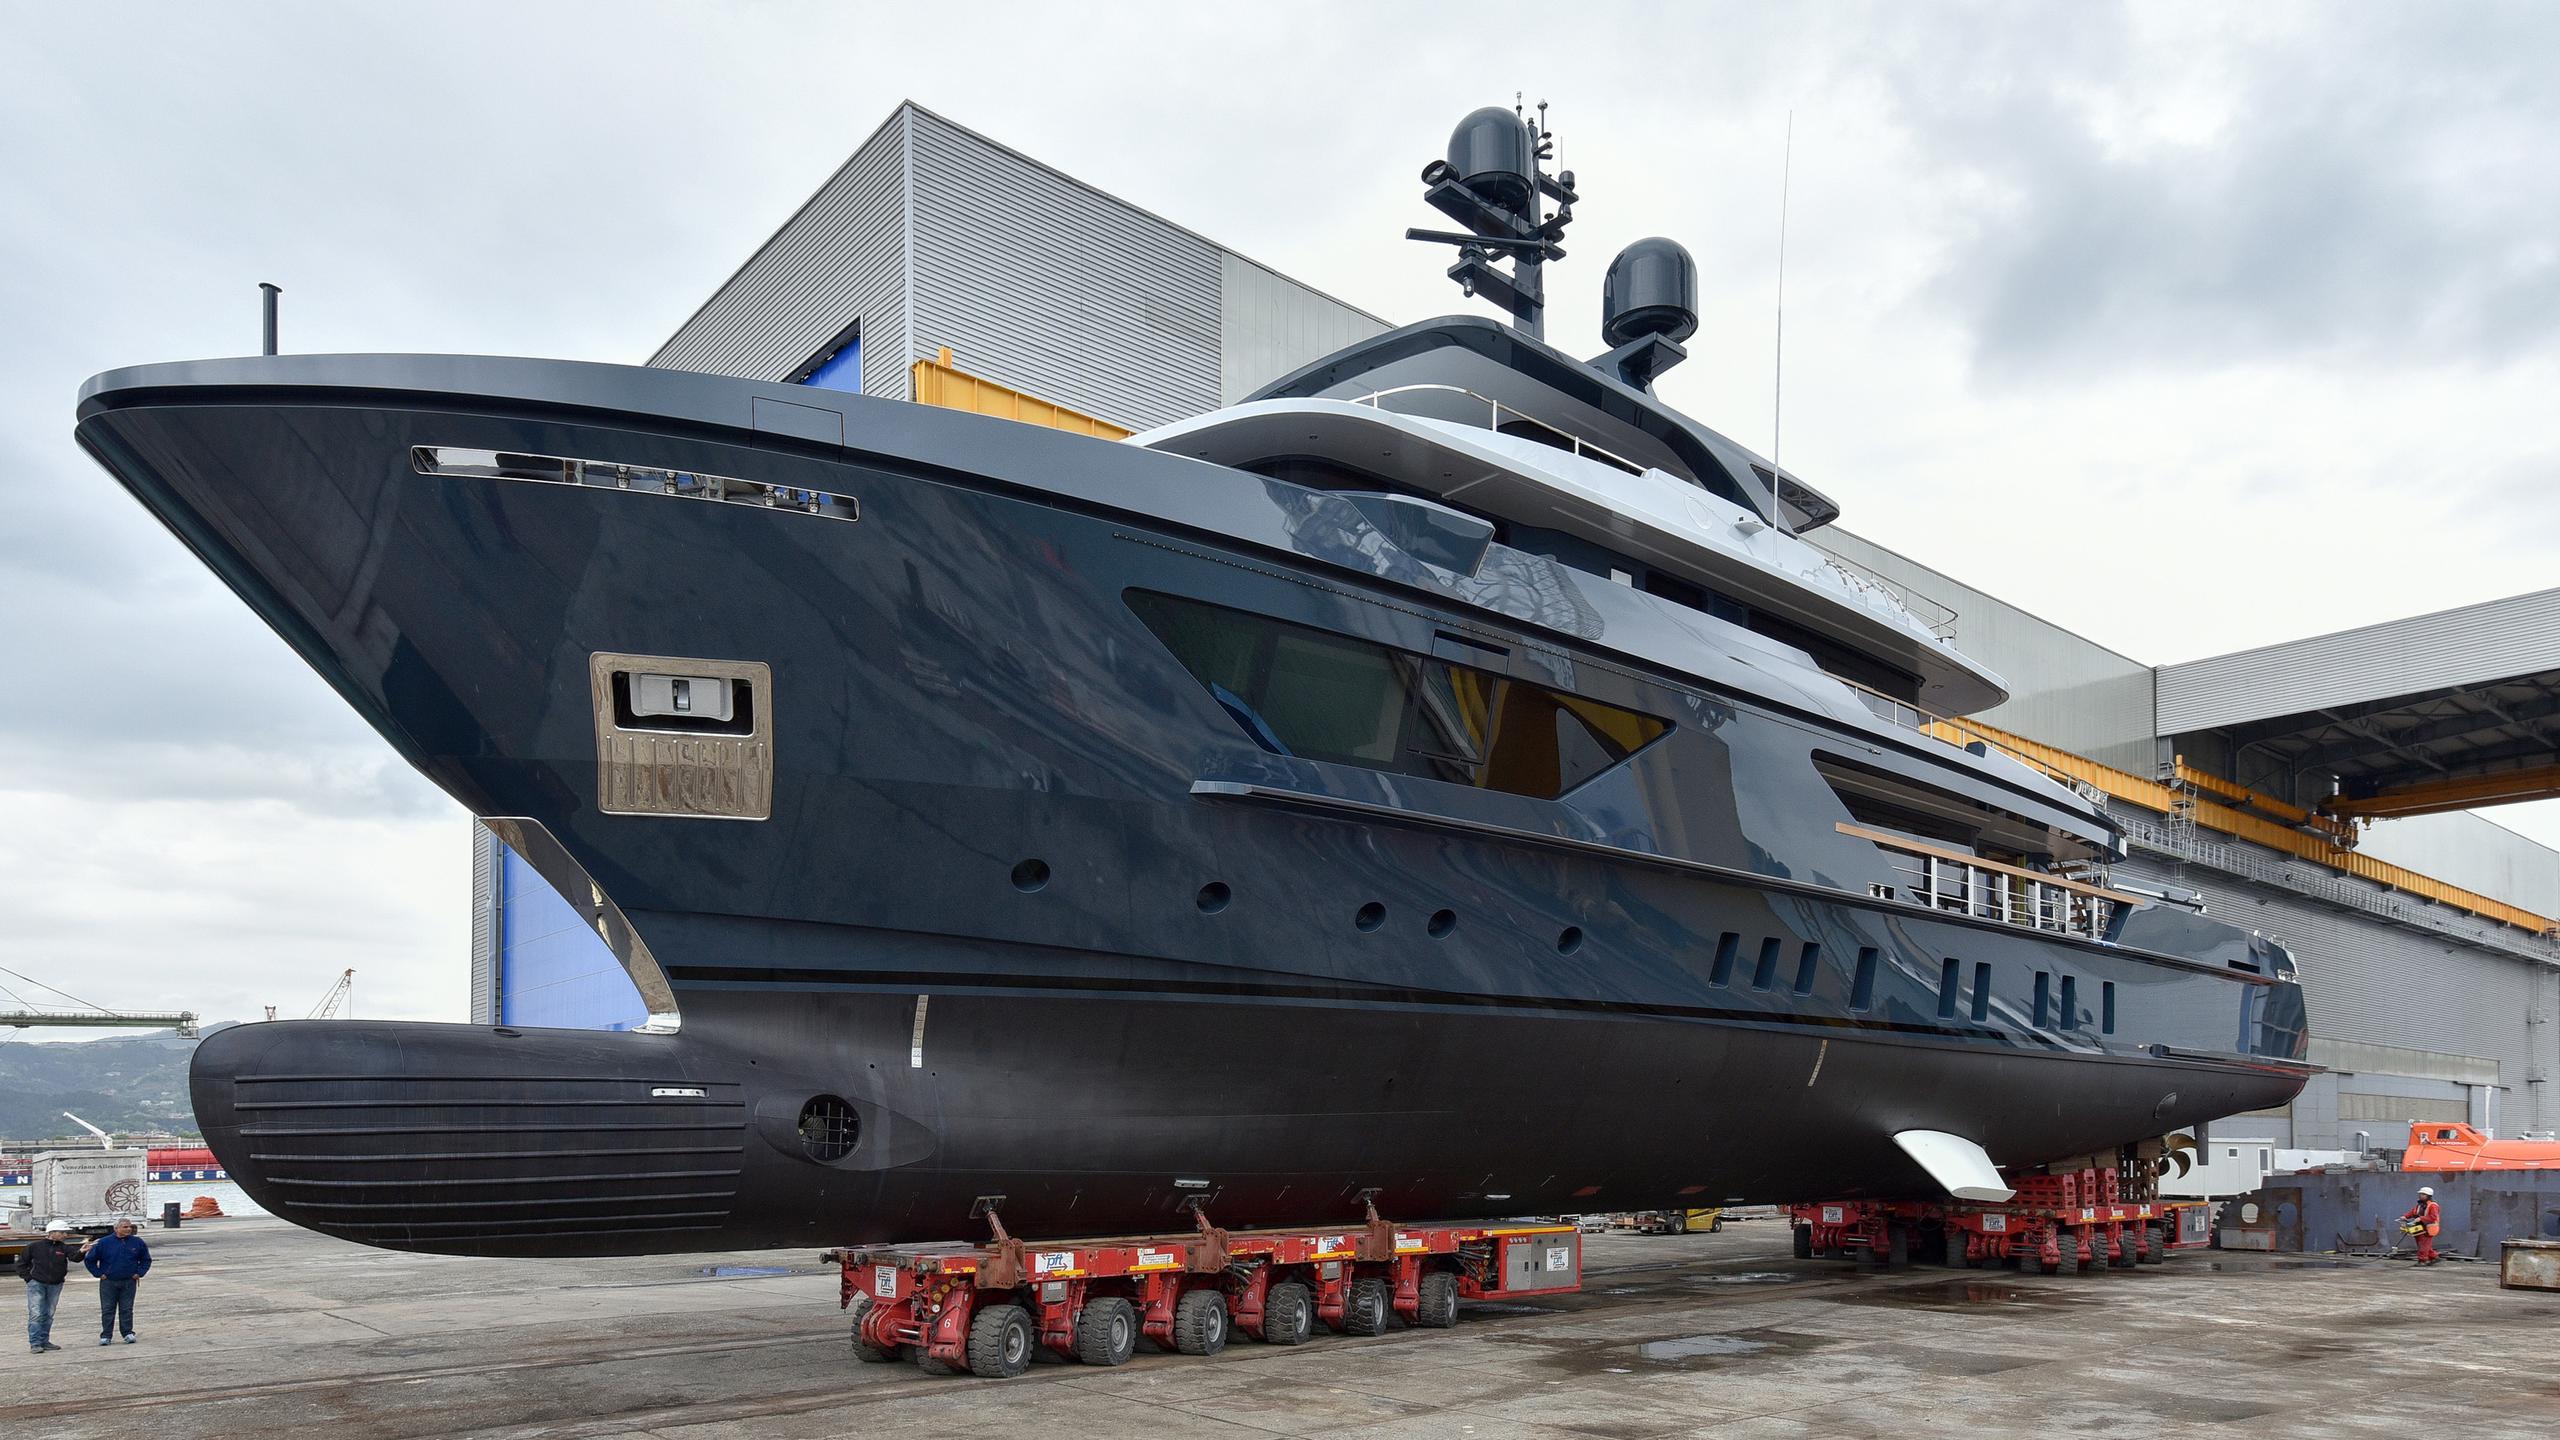 oceans four motoryacht sanlorenzo 460exp 42m 2017 launch